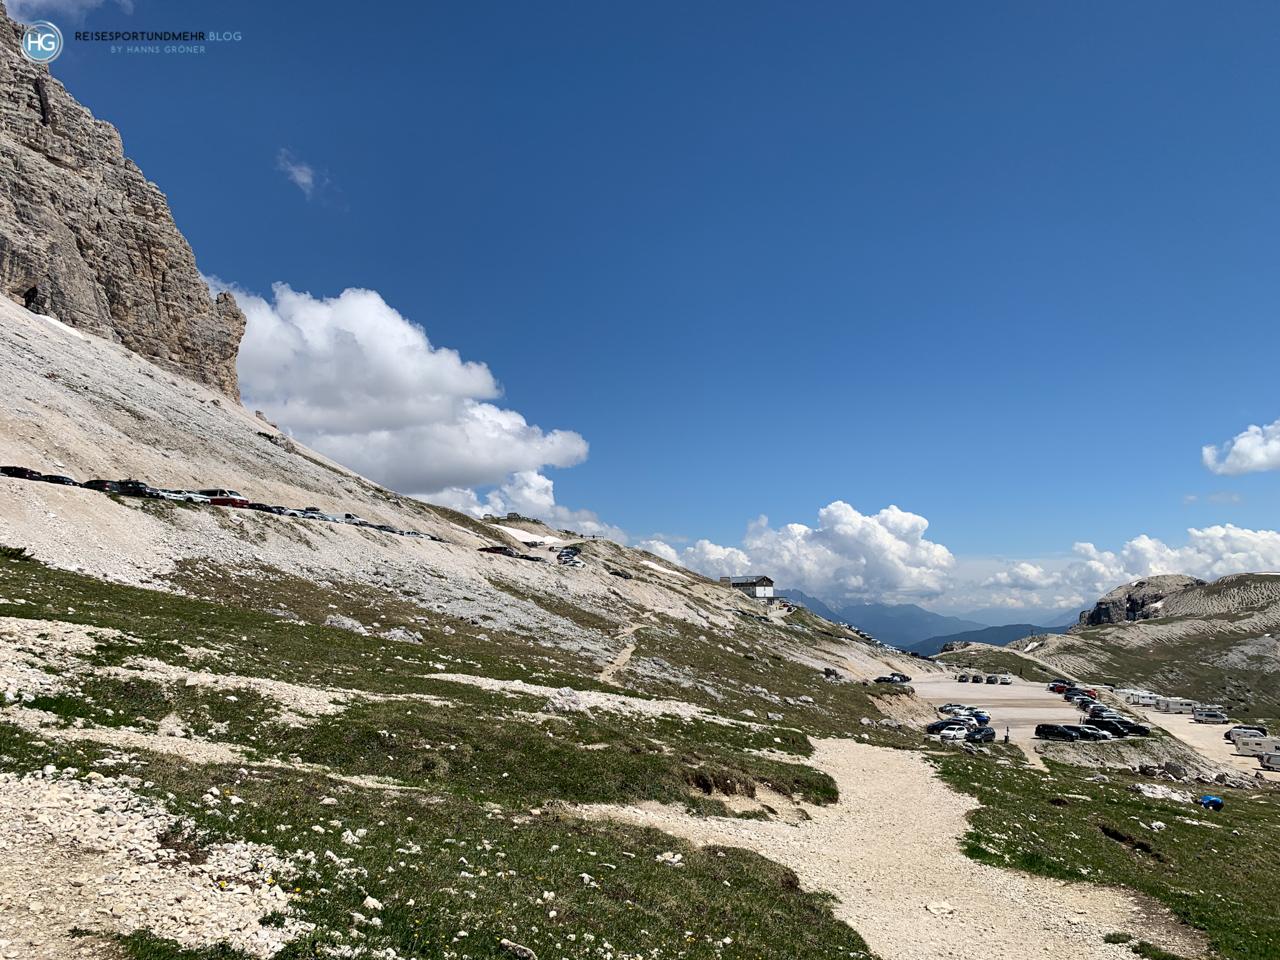 Dolomiten 2020 - Drei Zinnen - Parkplatz nahe Rifugio Auronzo (Foto: Hanns Gröner)